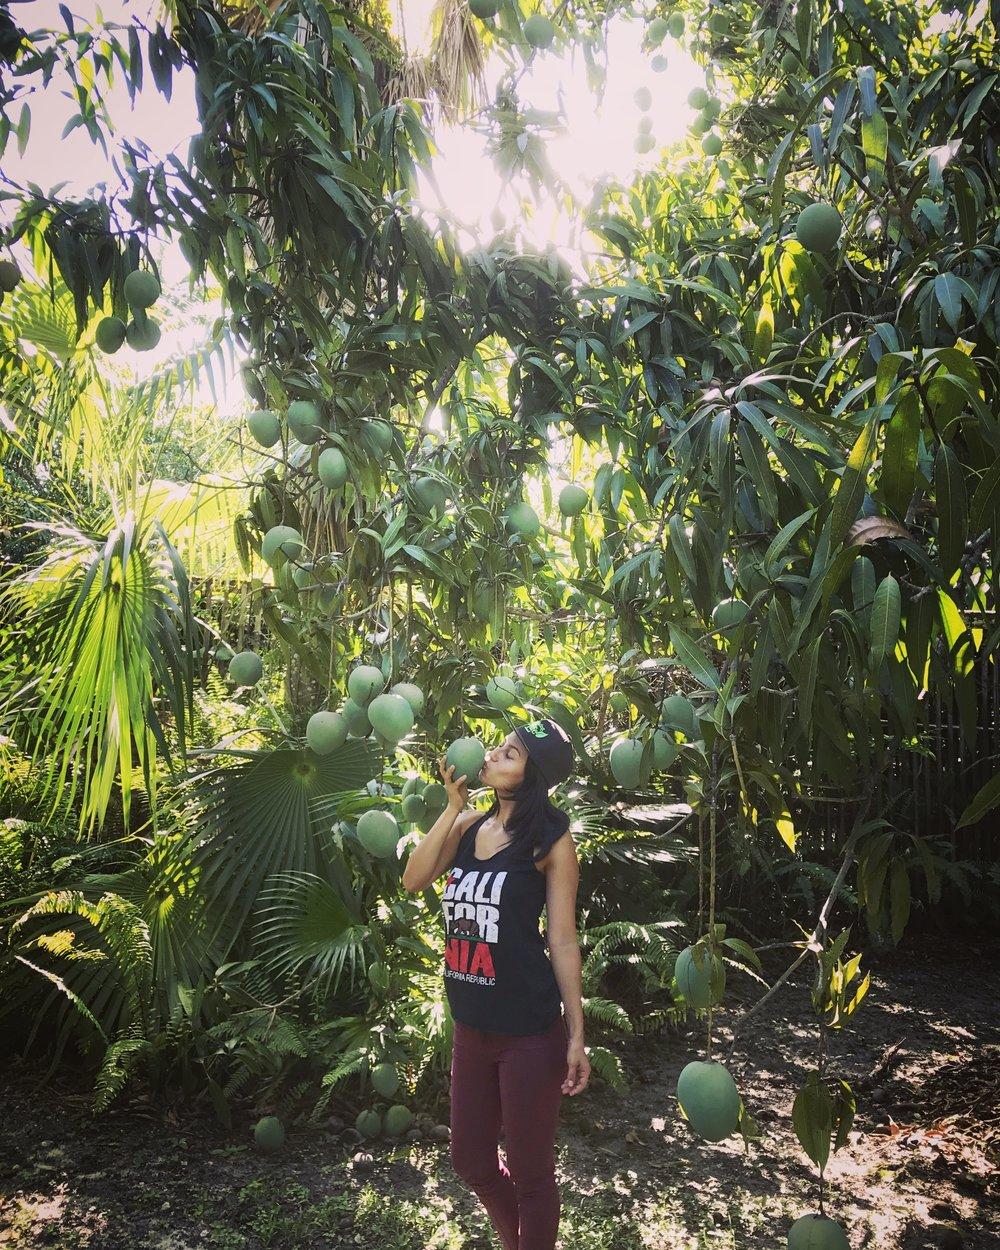 Kisses under the mango rain.